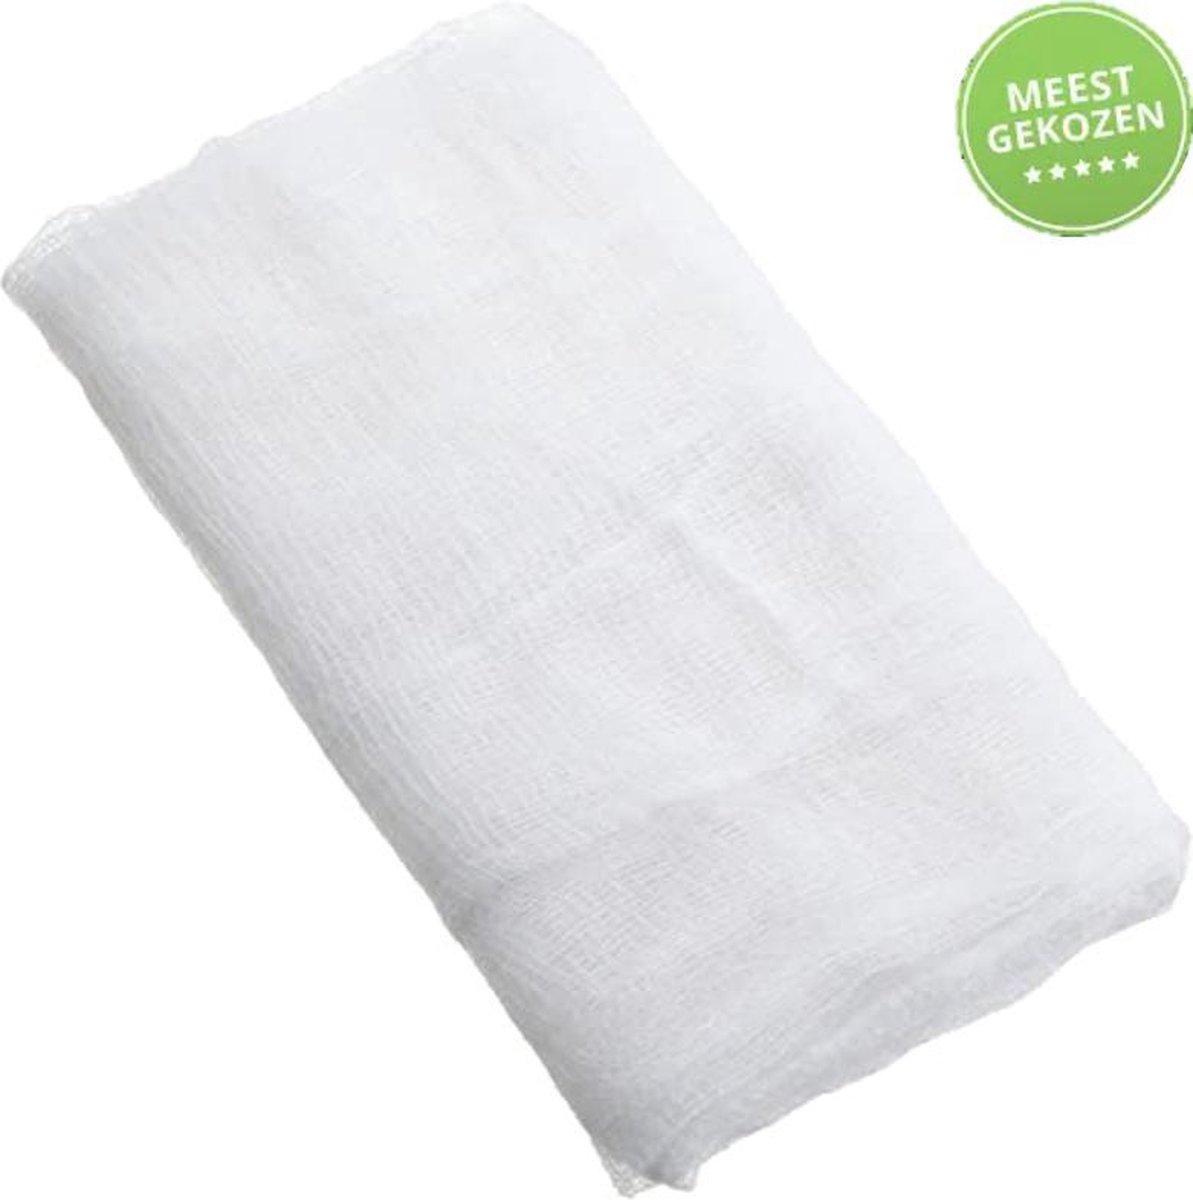 Kaasdoek - Neteldoek - Passeerdoeken - Handig in gebruik - zeefzak - keukenproduct - zeef - zeefprod